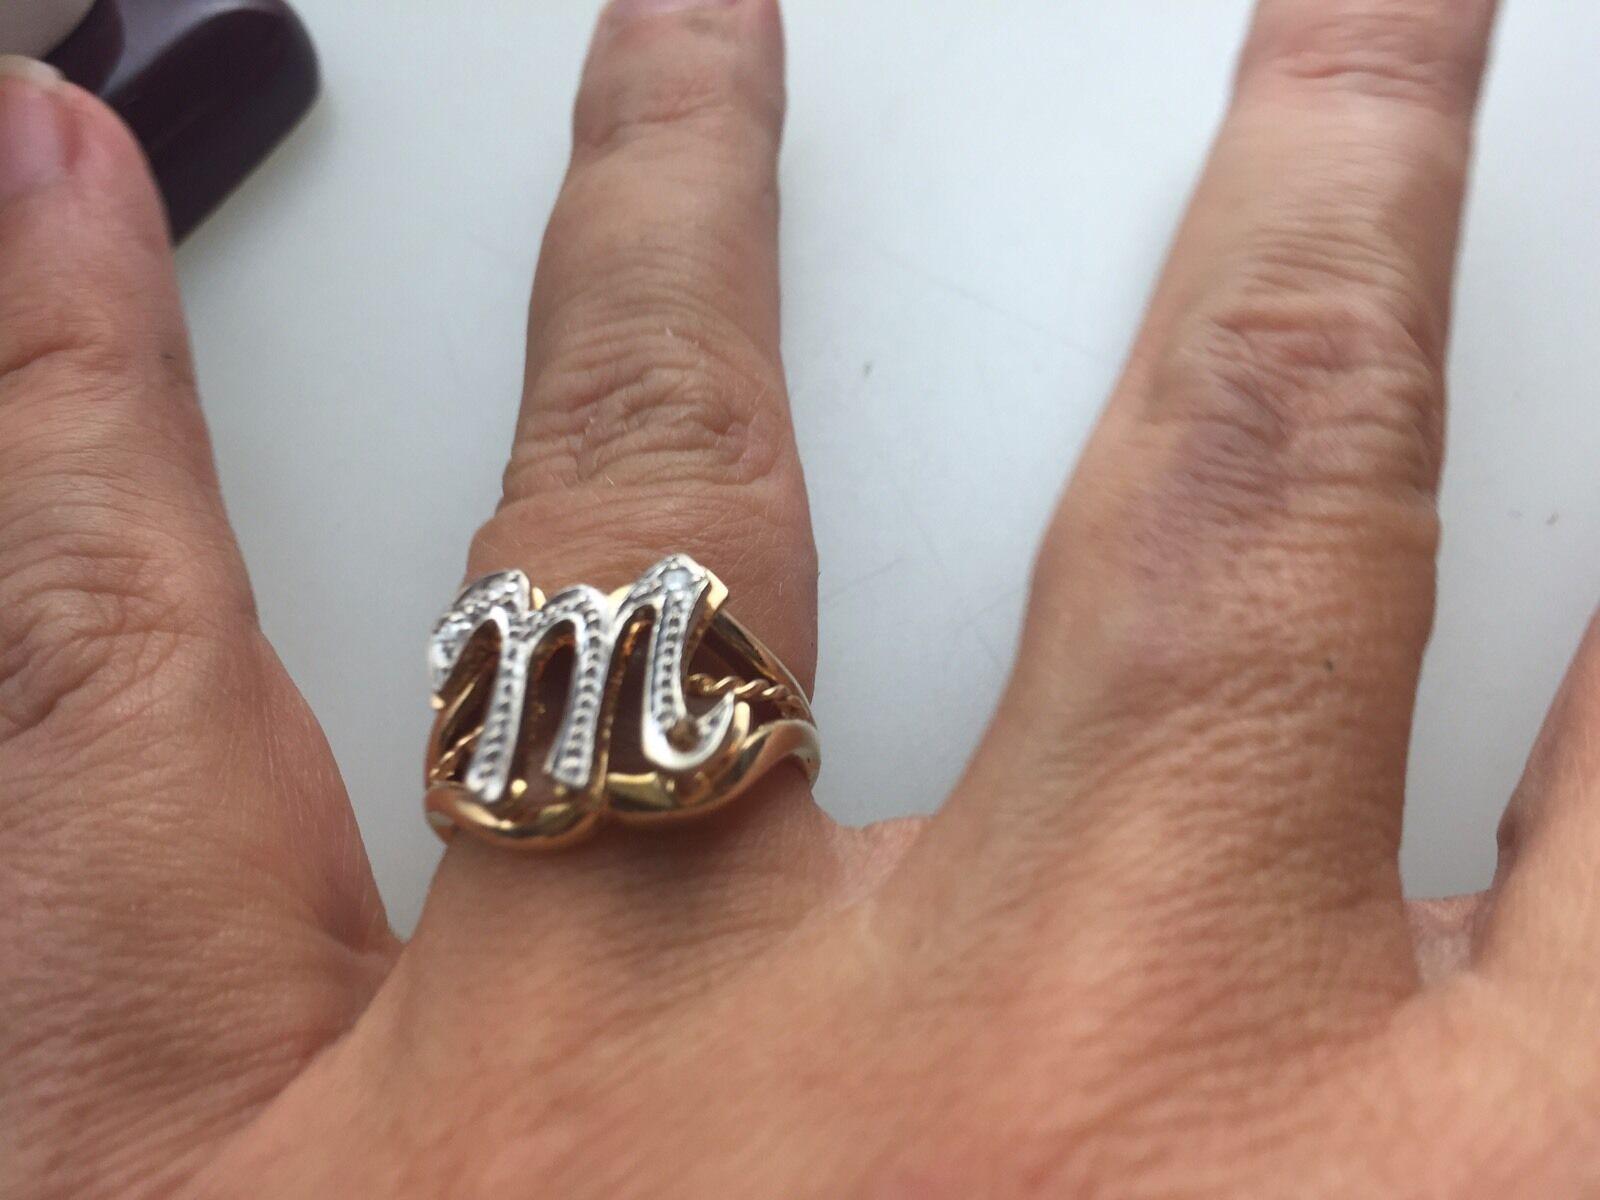 Nuova Negozio Display 14k Massiccio Nero Diamanti Diamanti Diamanti Iniziale M Misura Anello 44d190